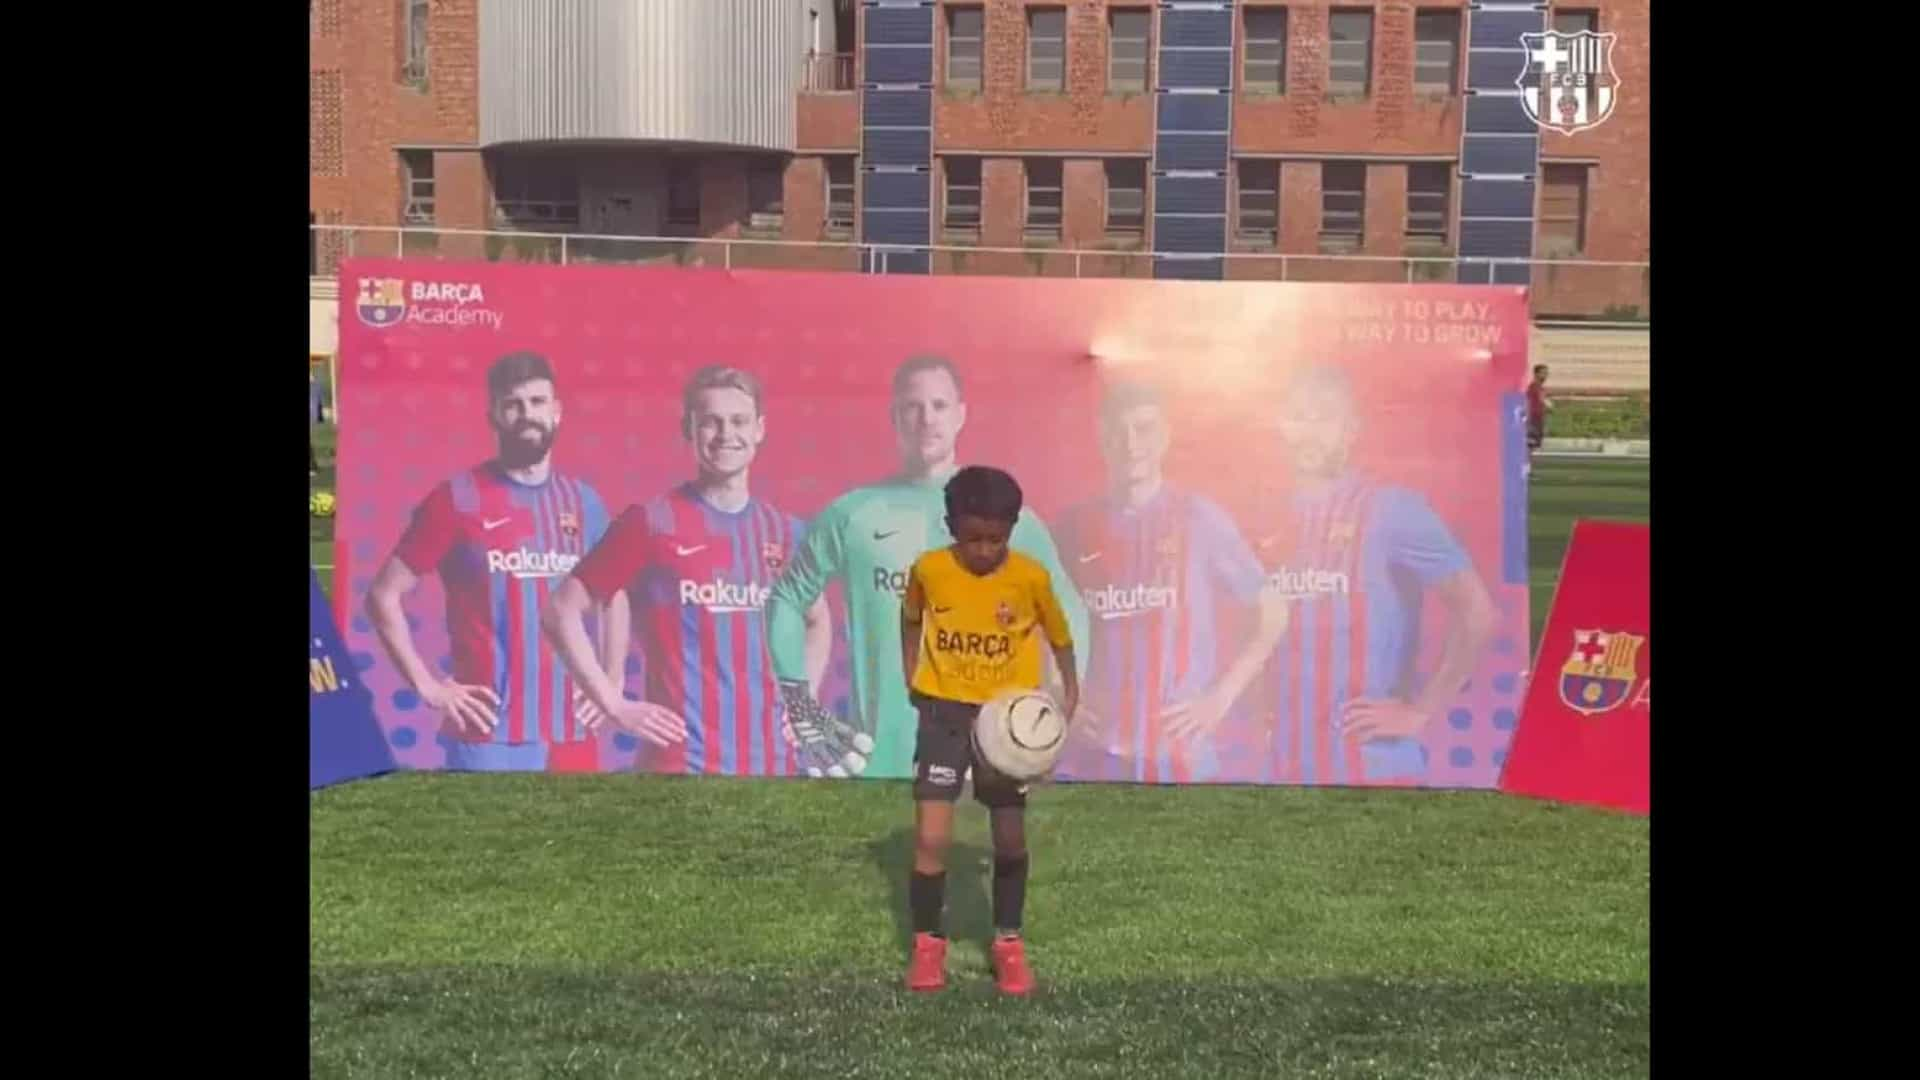 Jovem de 7 anos do Barcelona consegue 146 toques em apenas... 1 minuto